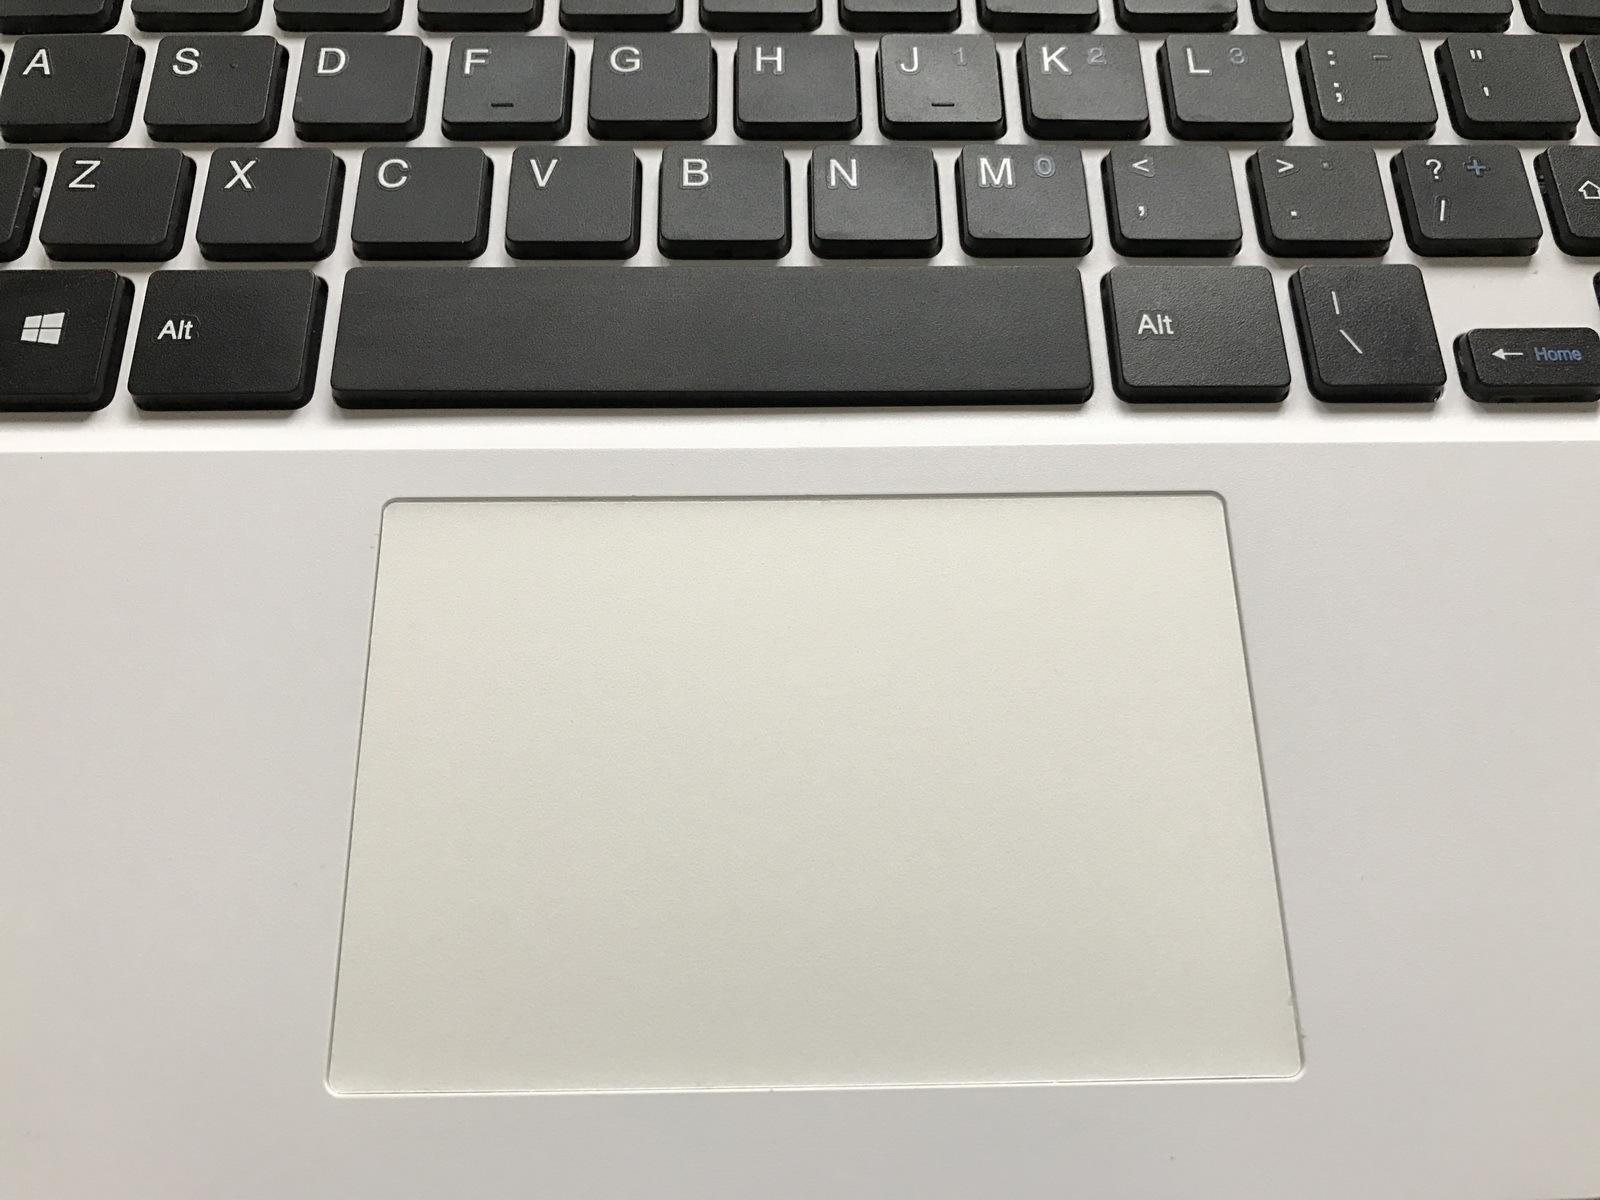 Ультрабюджетный ноутбук Chuwi LapBook 14.1: Все во имя экономии - 5